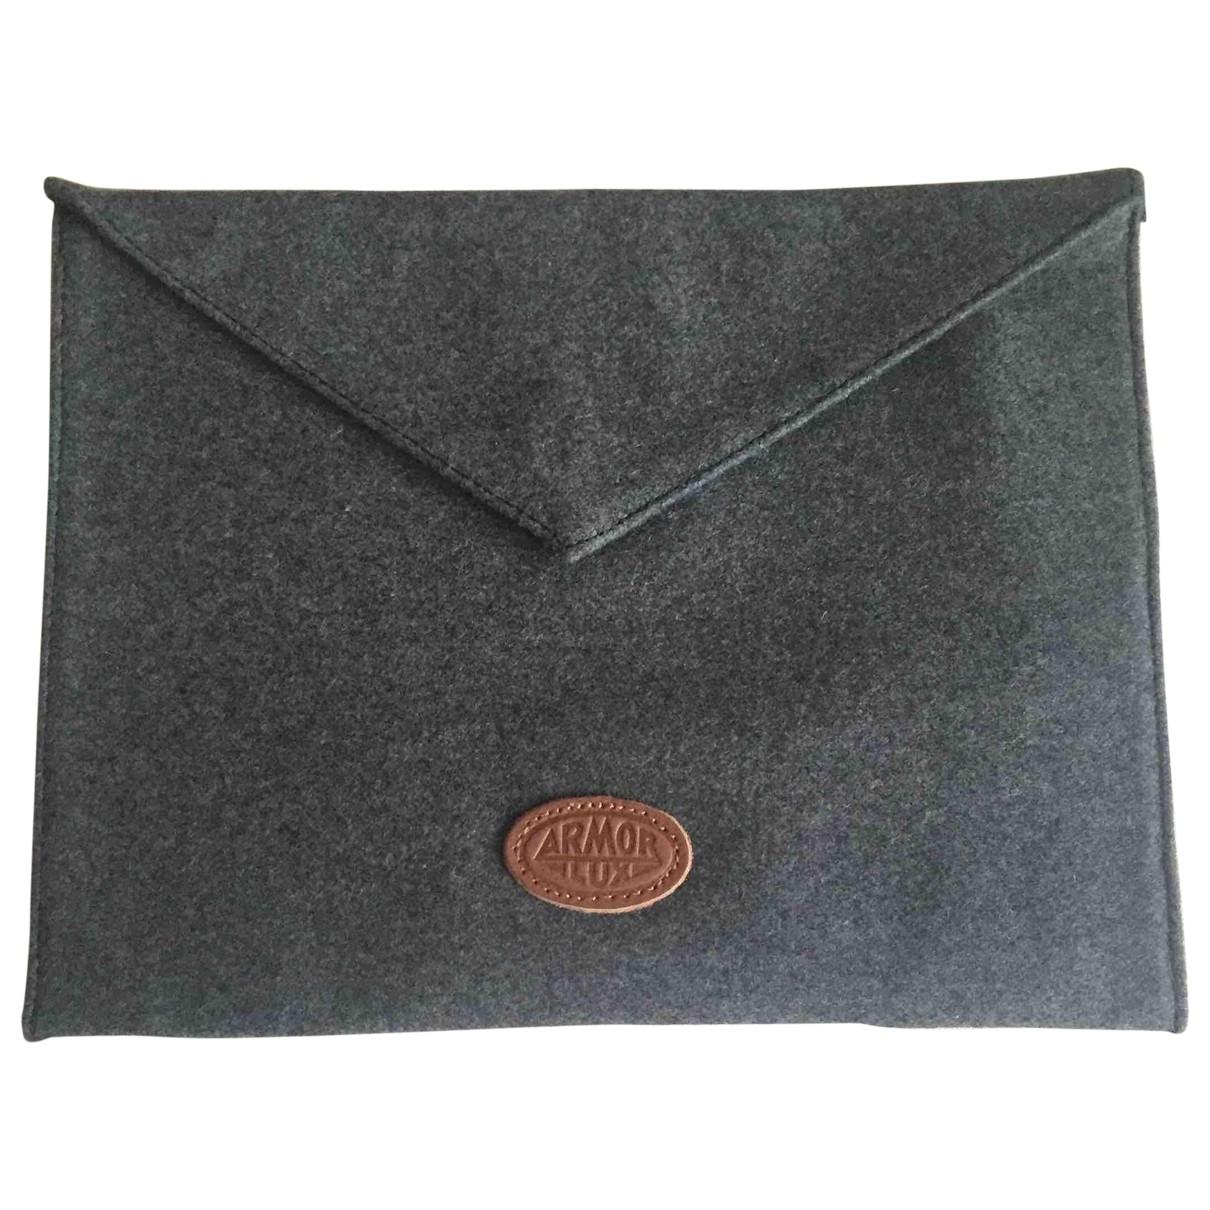 Armor-lux \N Clutch in  Grau Wolle